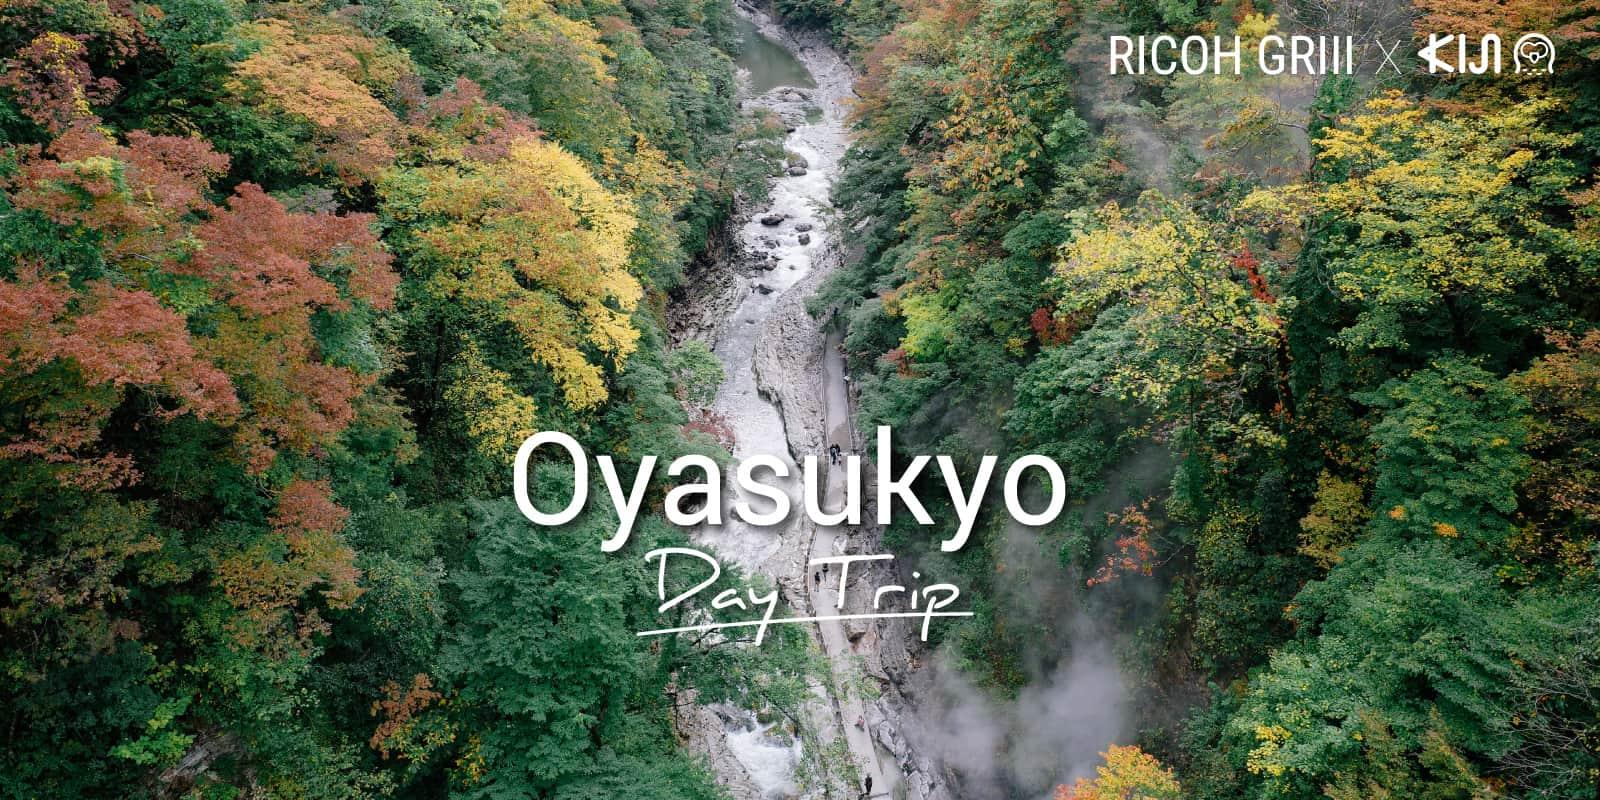 โอยาสุเคียว (Oyasukyo) หรือ หุบเขาโอยาสุ (Oyasu Valley)